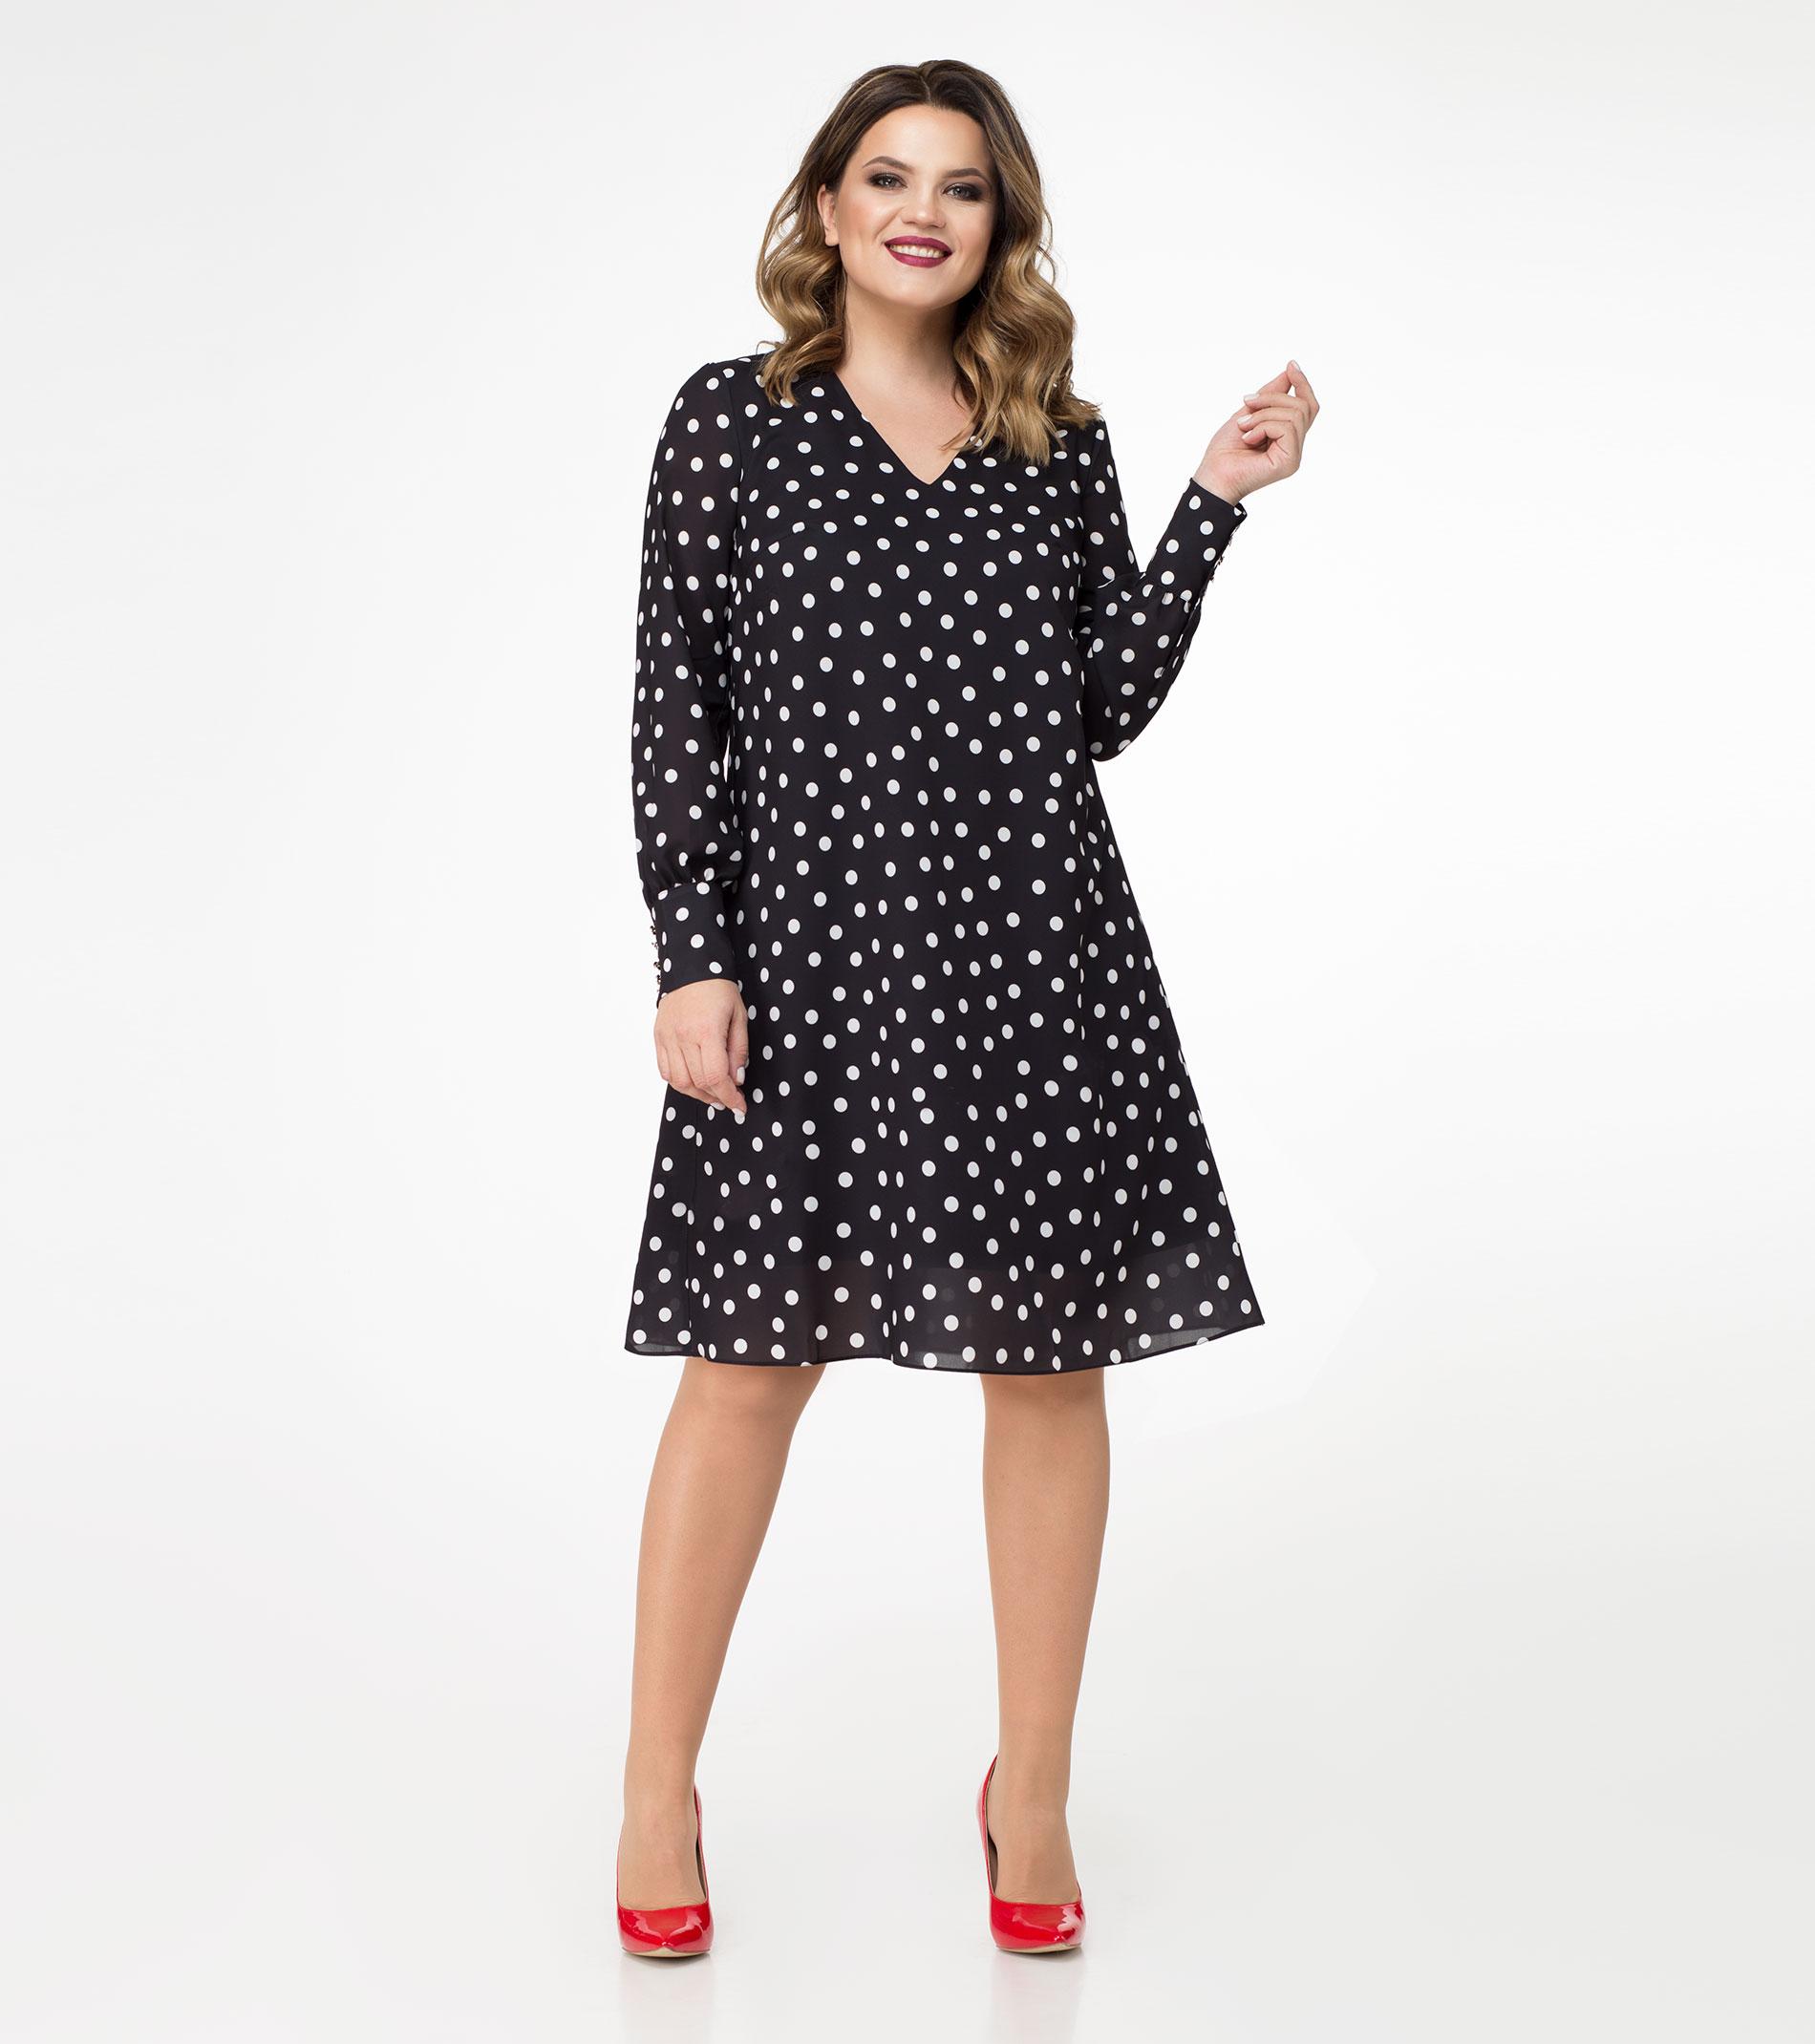 5d87fcdb4d1 Платье женское ПА 425080 купить в интернет-магазине shop.panda.by с ...